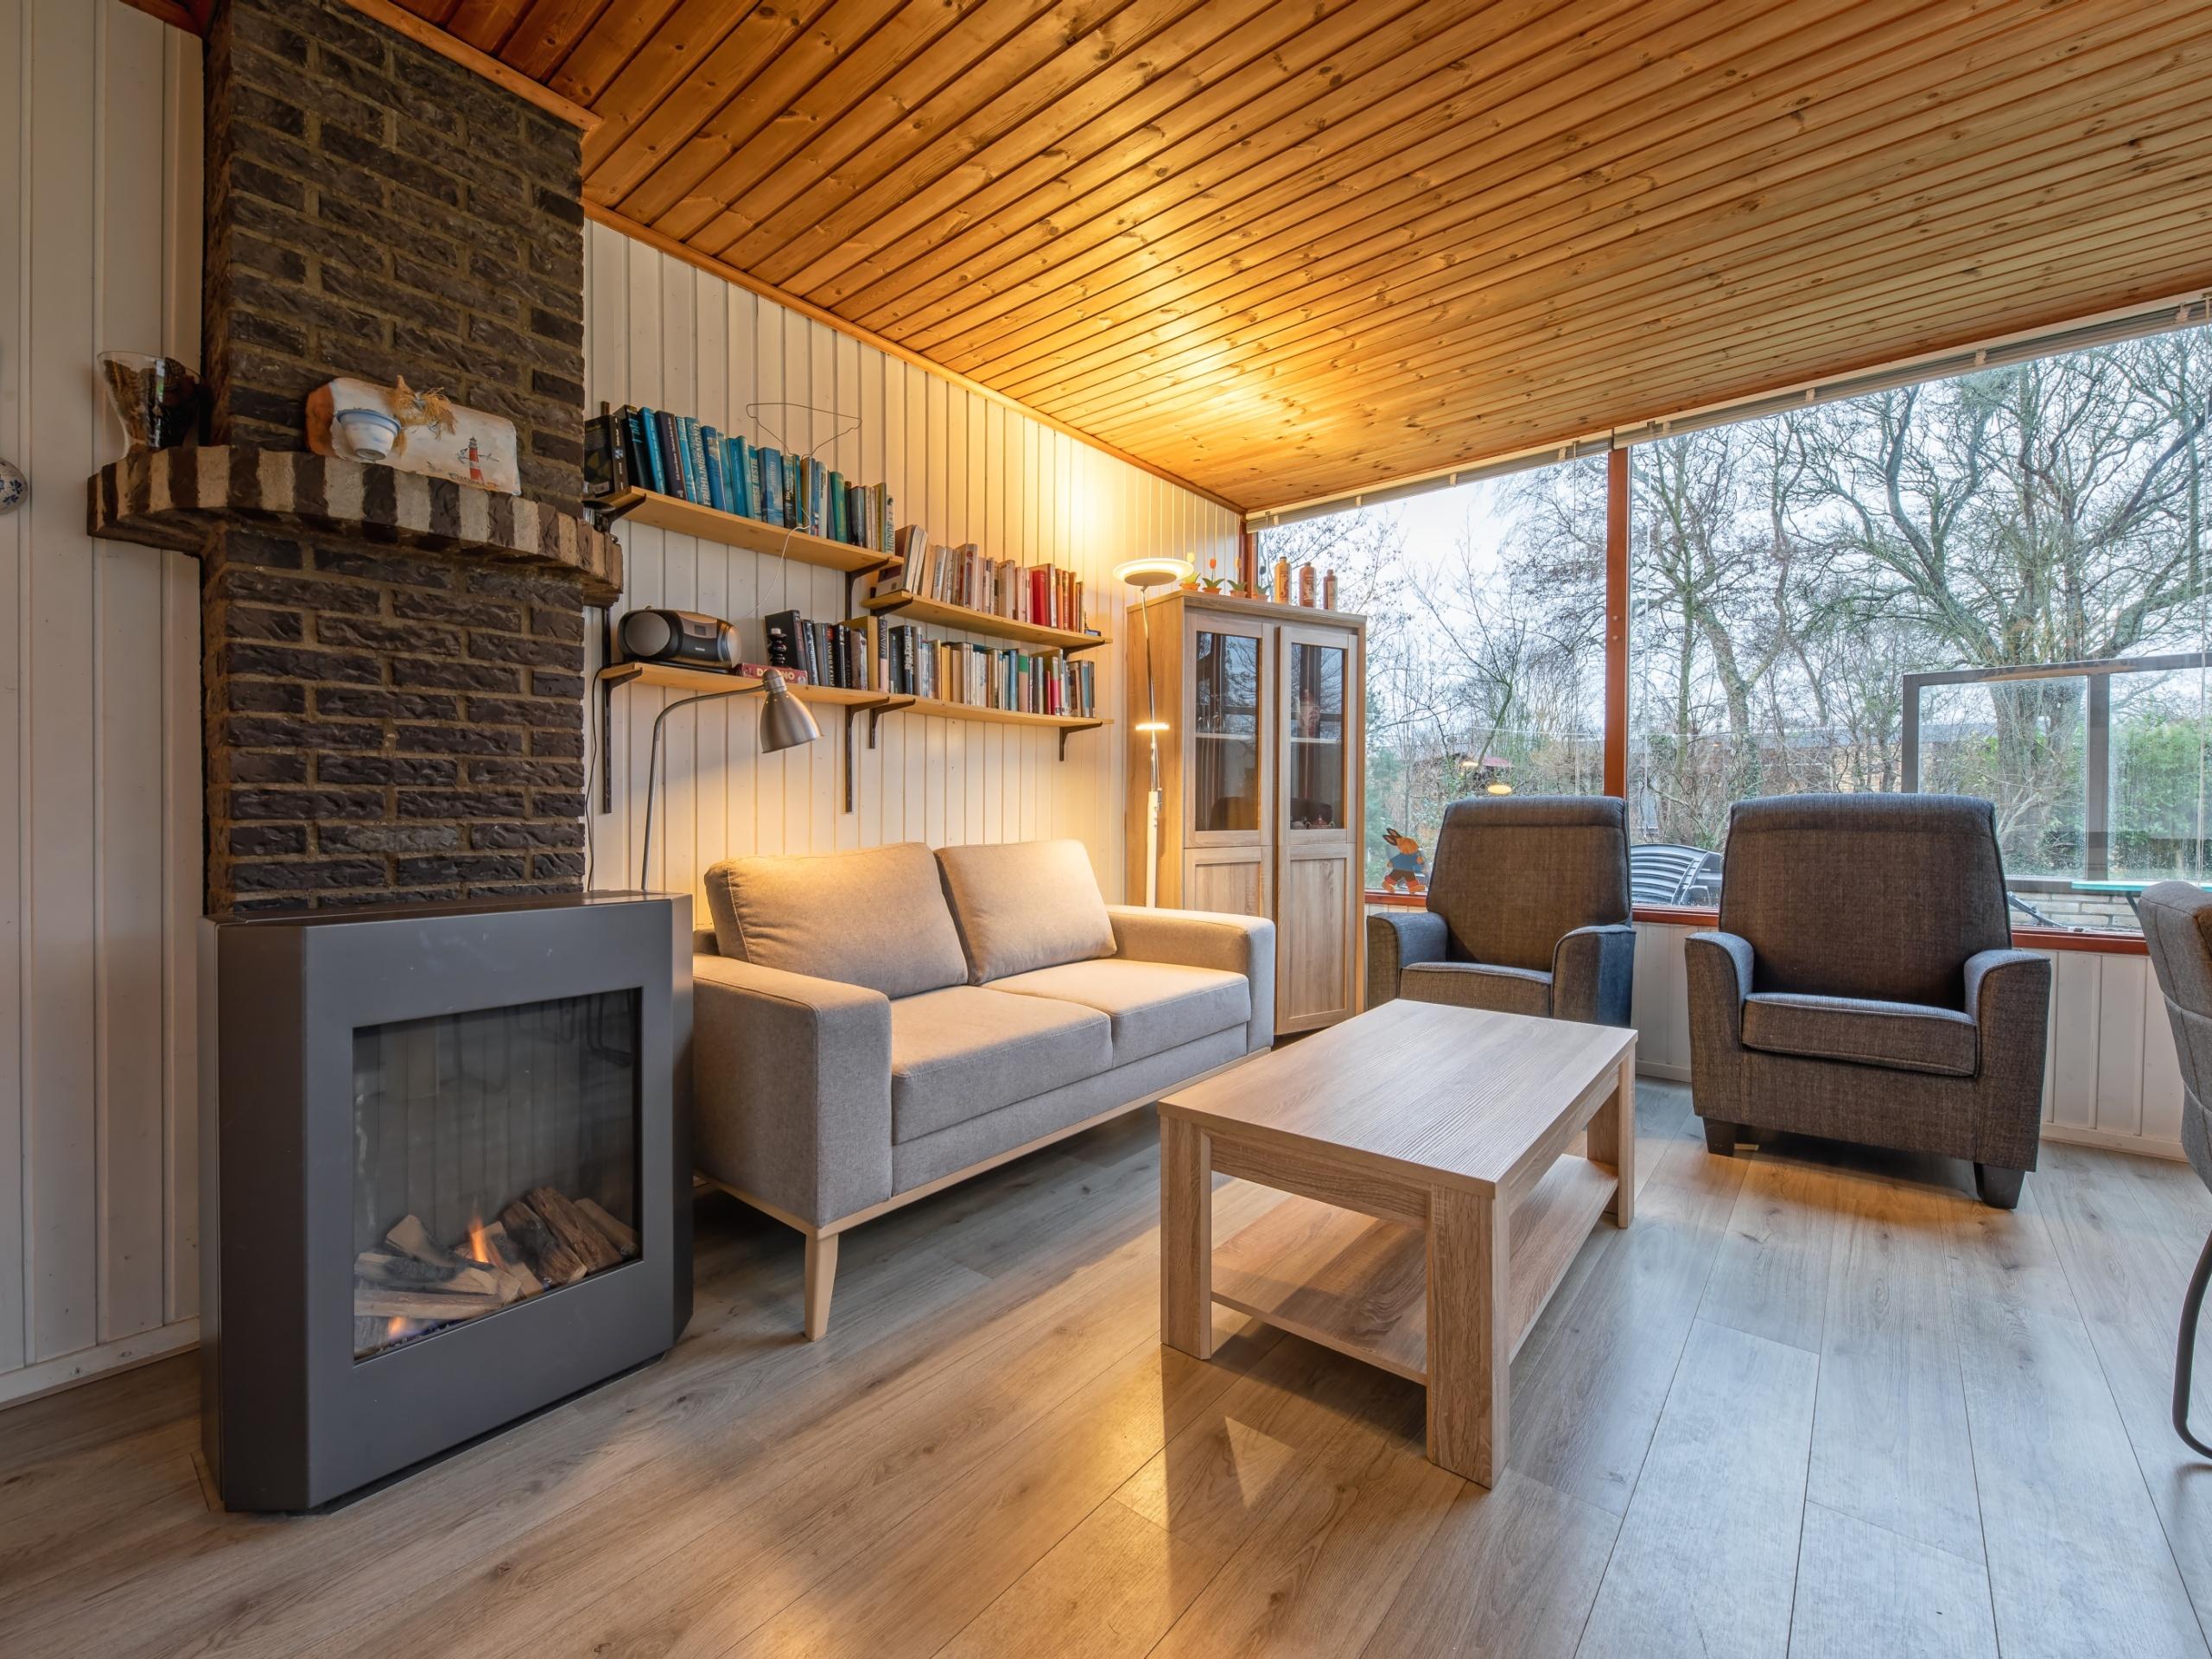 Ruhig gelegenes Ferienhaus in Strandnähe im Wald